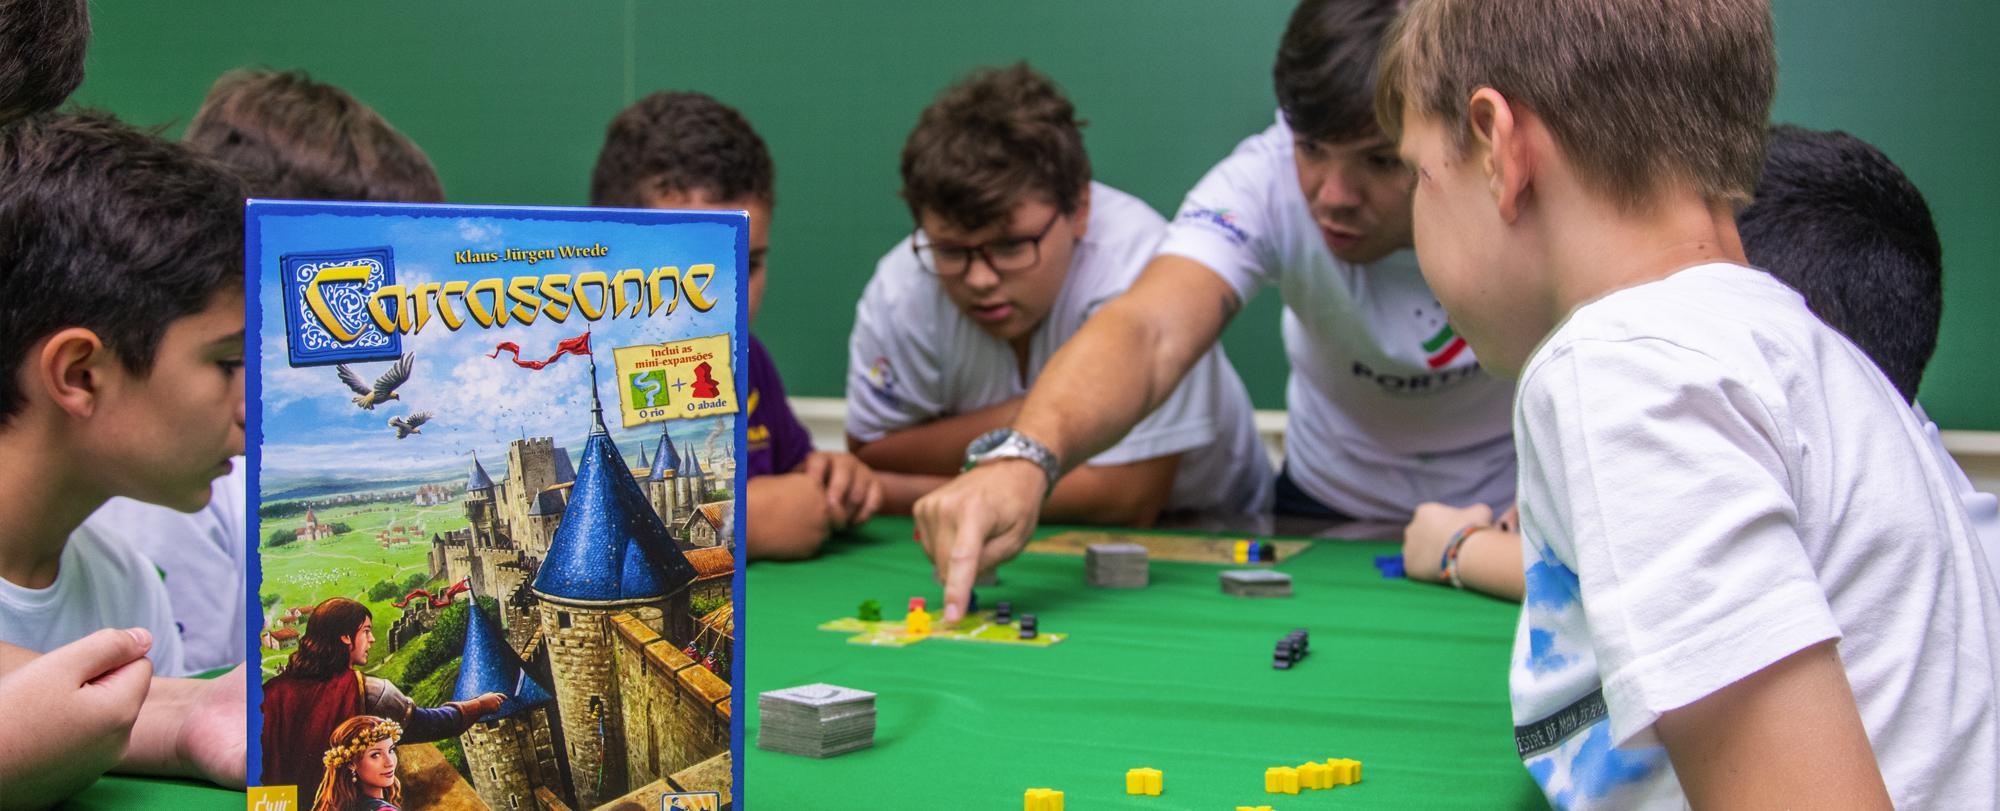 """Jogos de tabuleiro são objetos de estudo na oficina """"Portigames"""""""